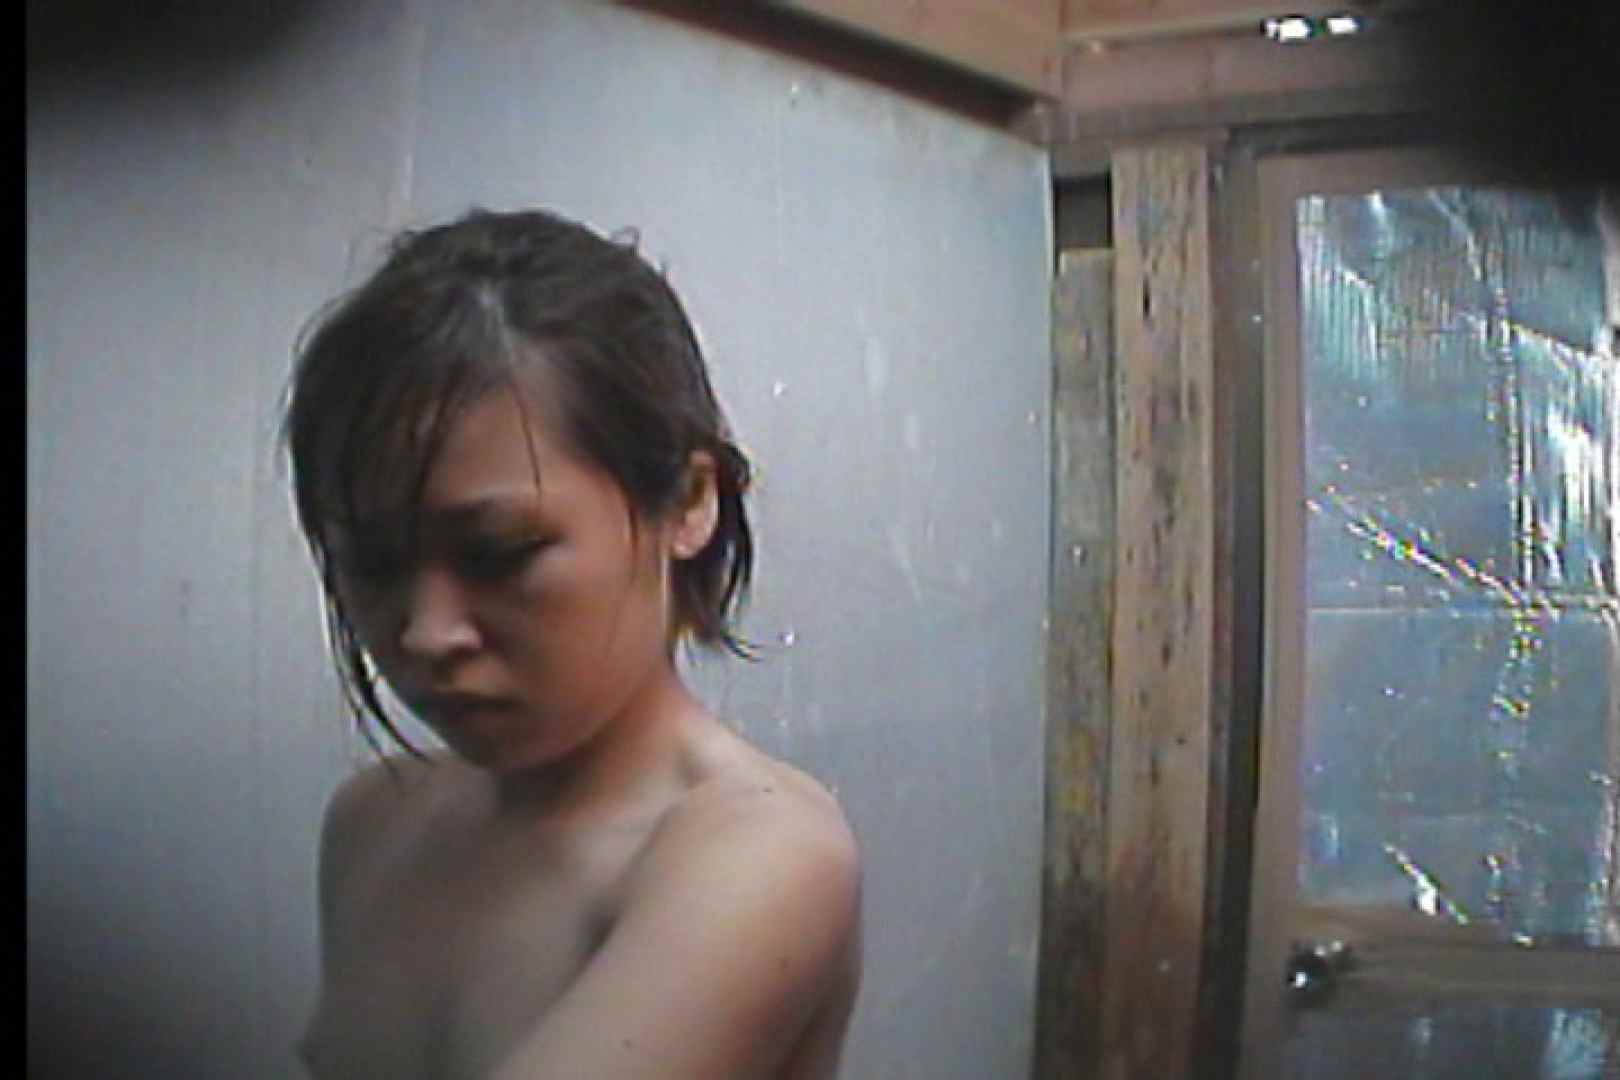 海の家の更衣室 Vol.55 シャワー すけべAV動画紹介 46連発 20